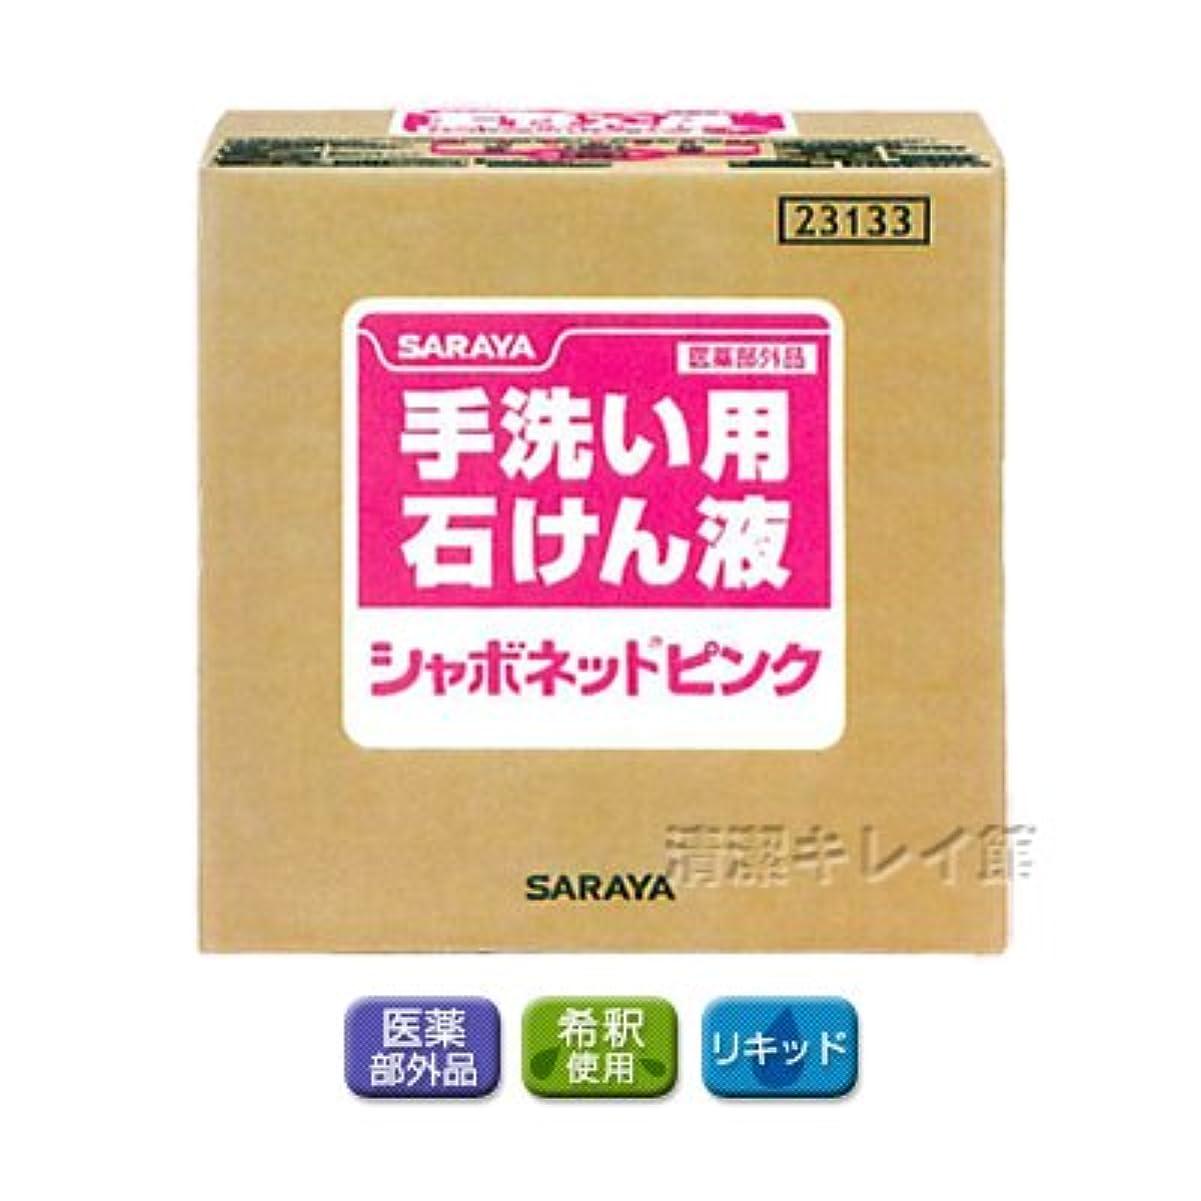 ウェーハ一般的に言えば中国【清潔キレイ館】サラヤ シャボネットピンク(20kg)